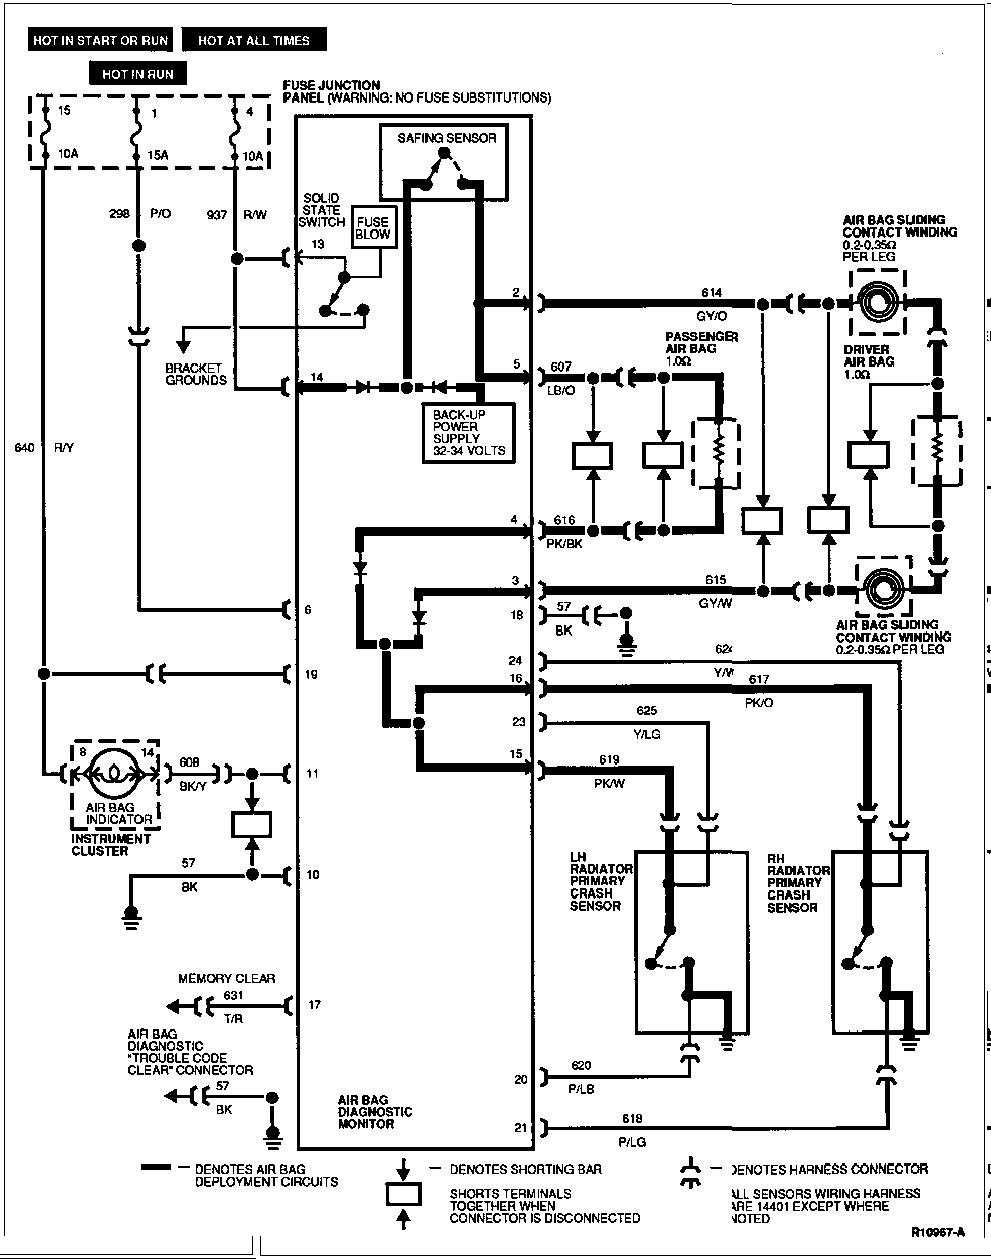 1994 ford aerostar fuse box diagram